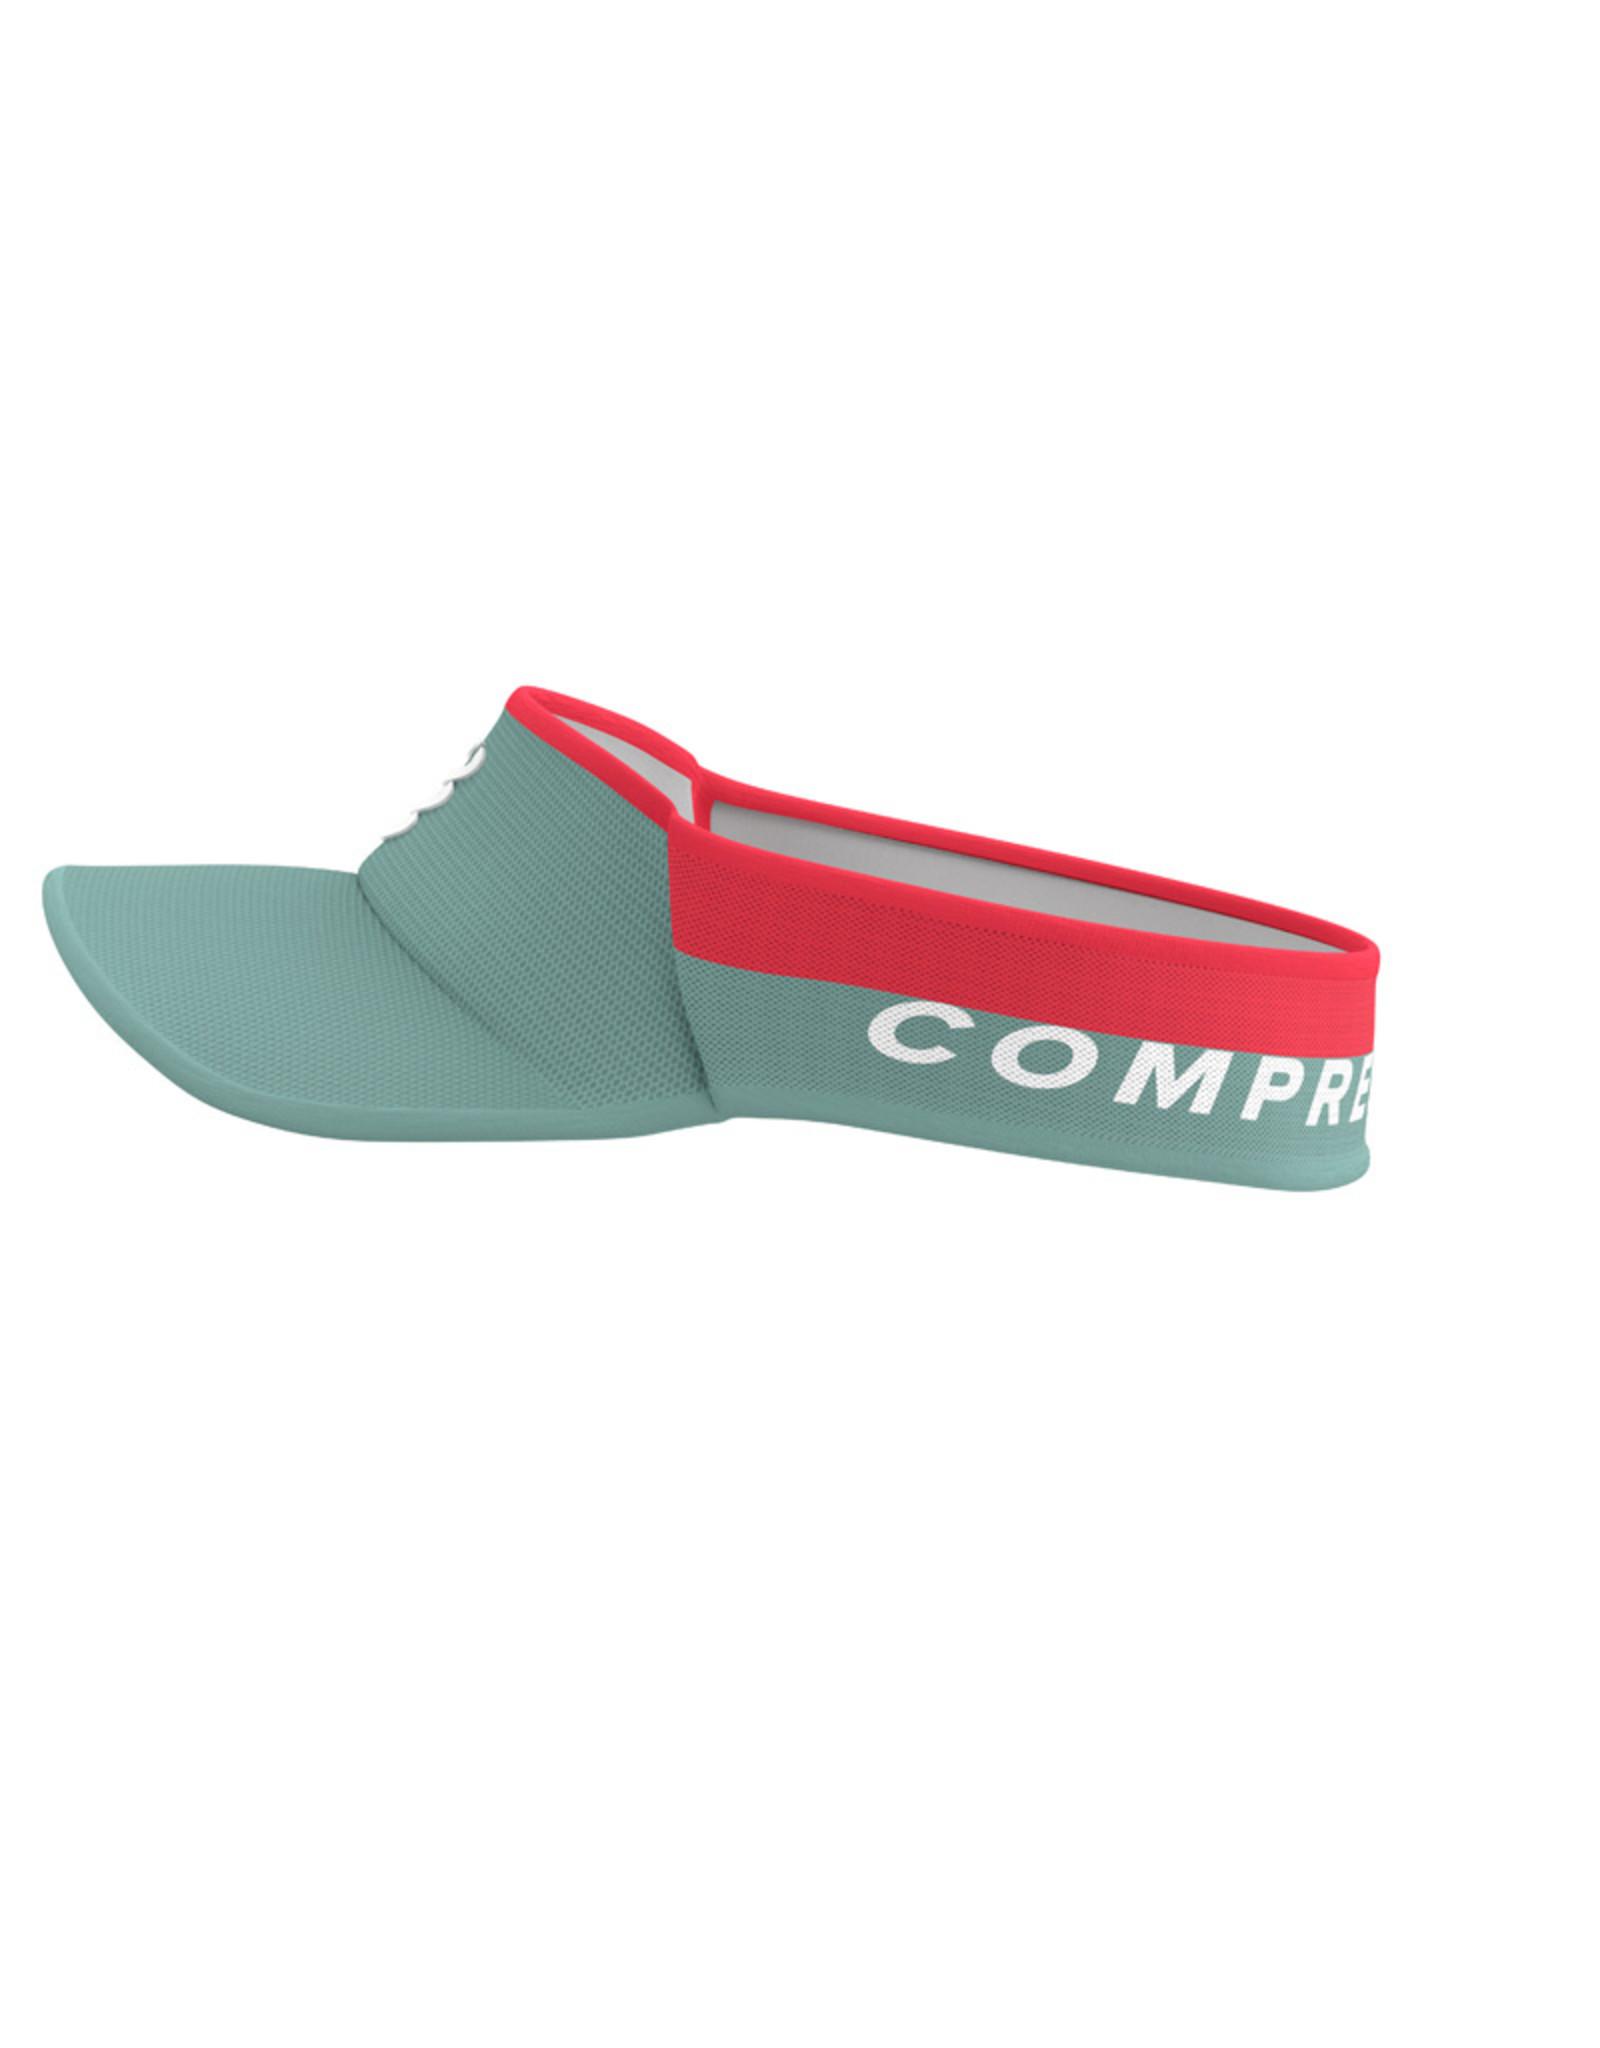 Compressport Visor Ultralight  Groen/Rood